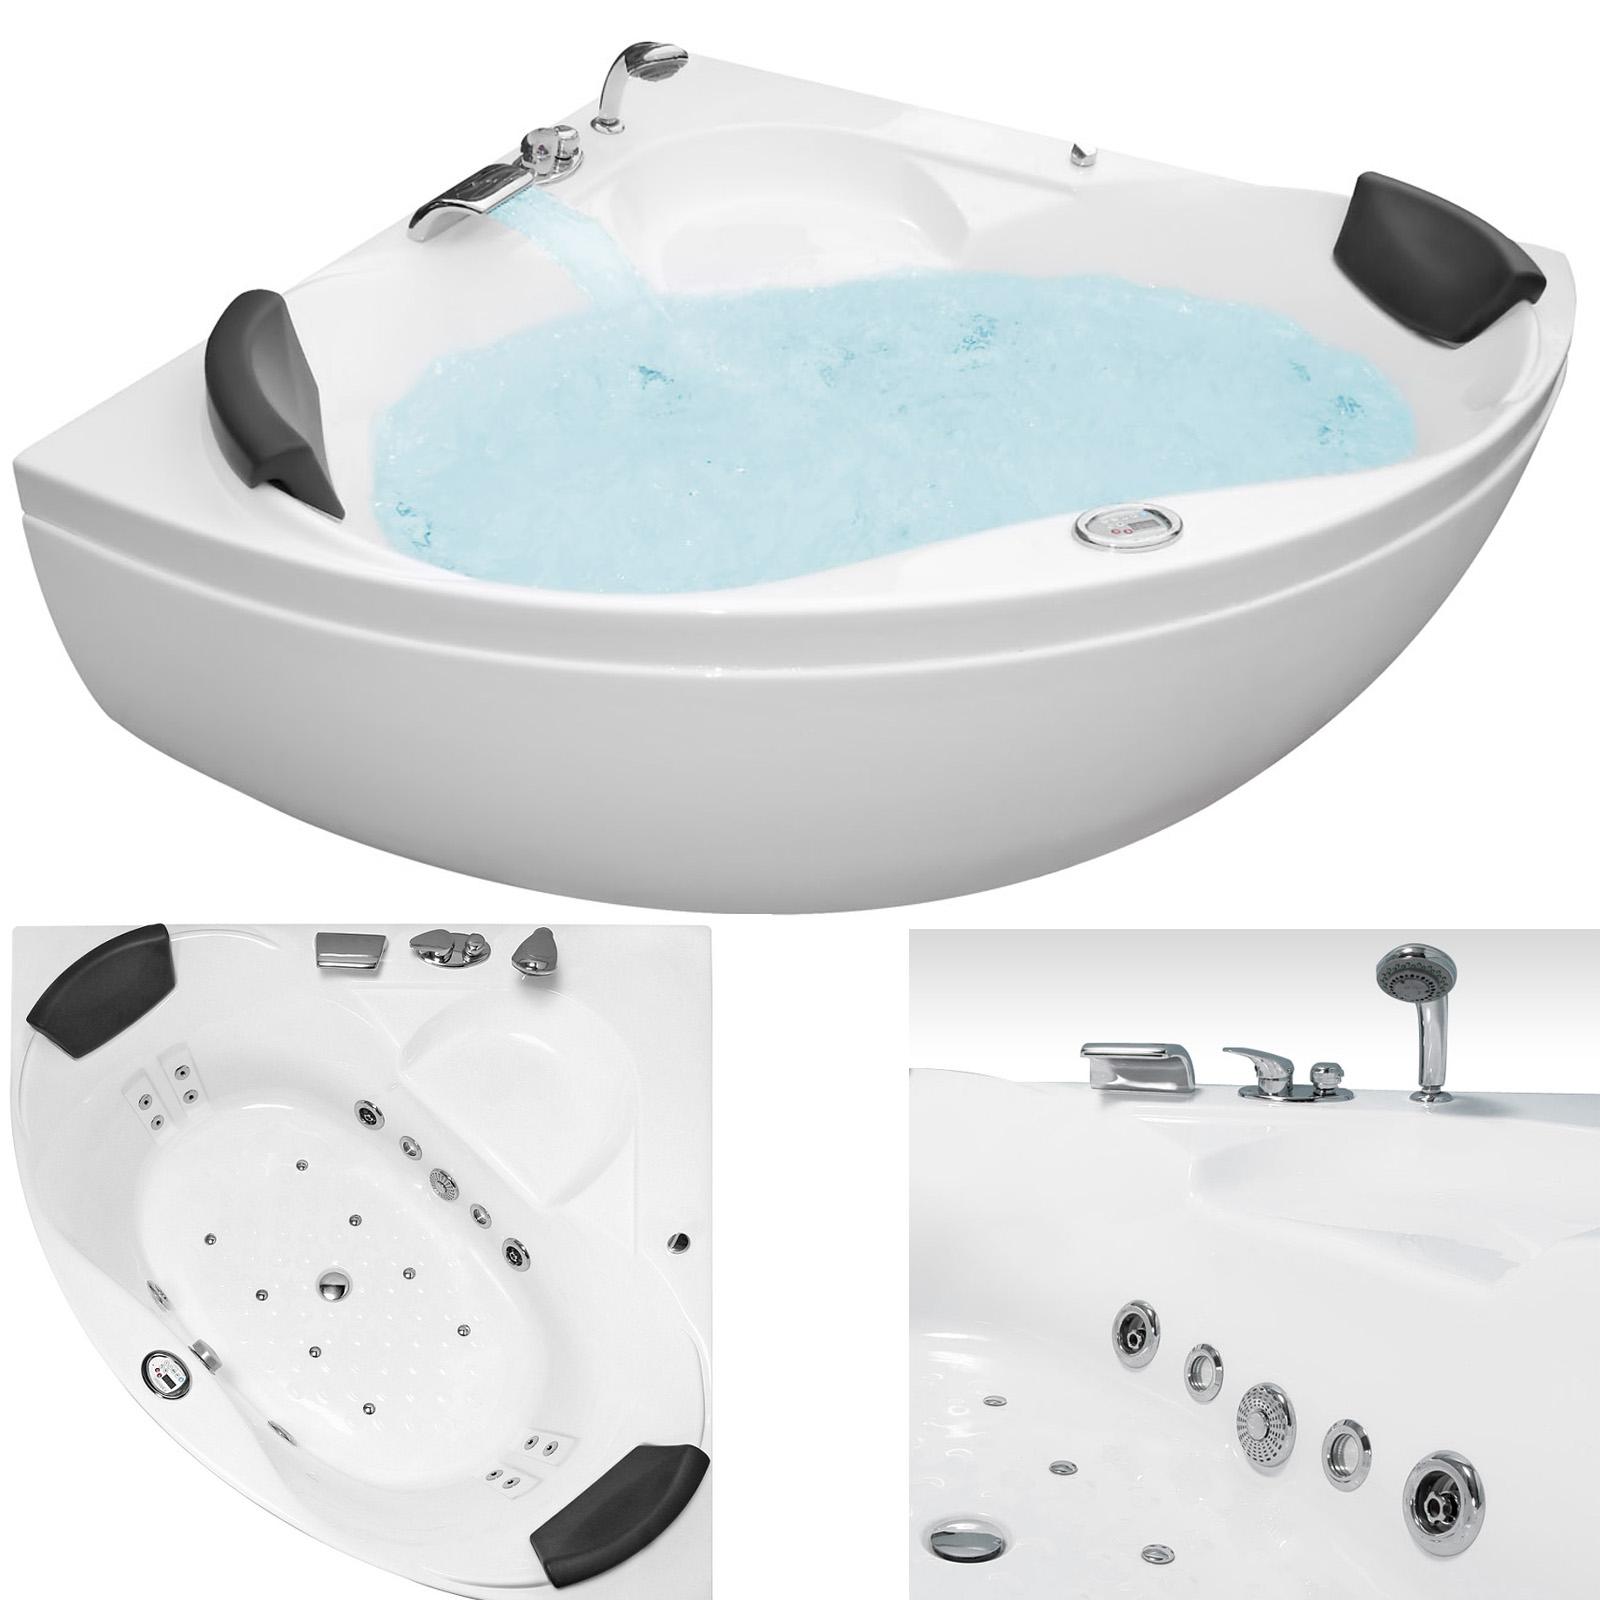 Whirlpools badewanne - Whirlpool einlage ...